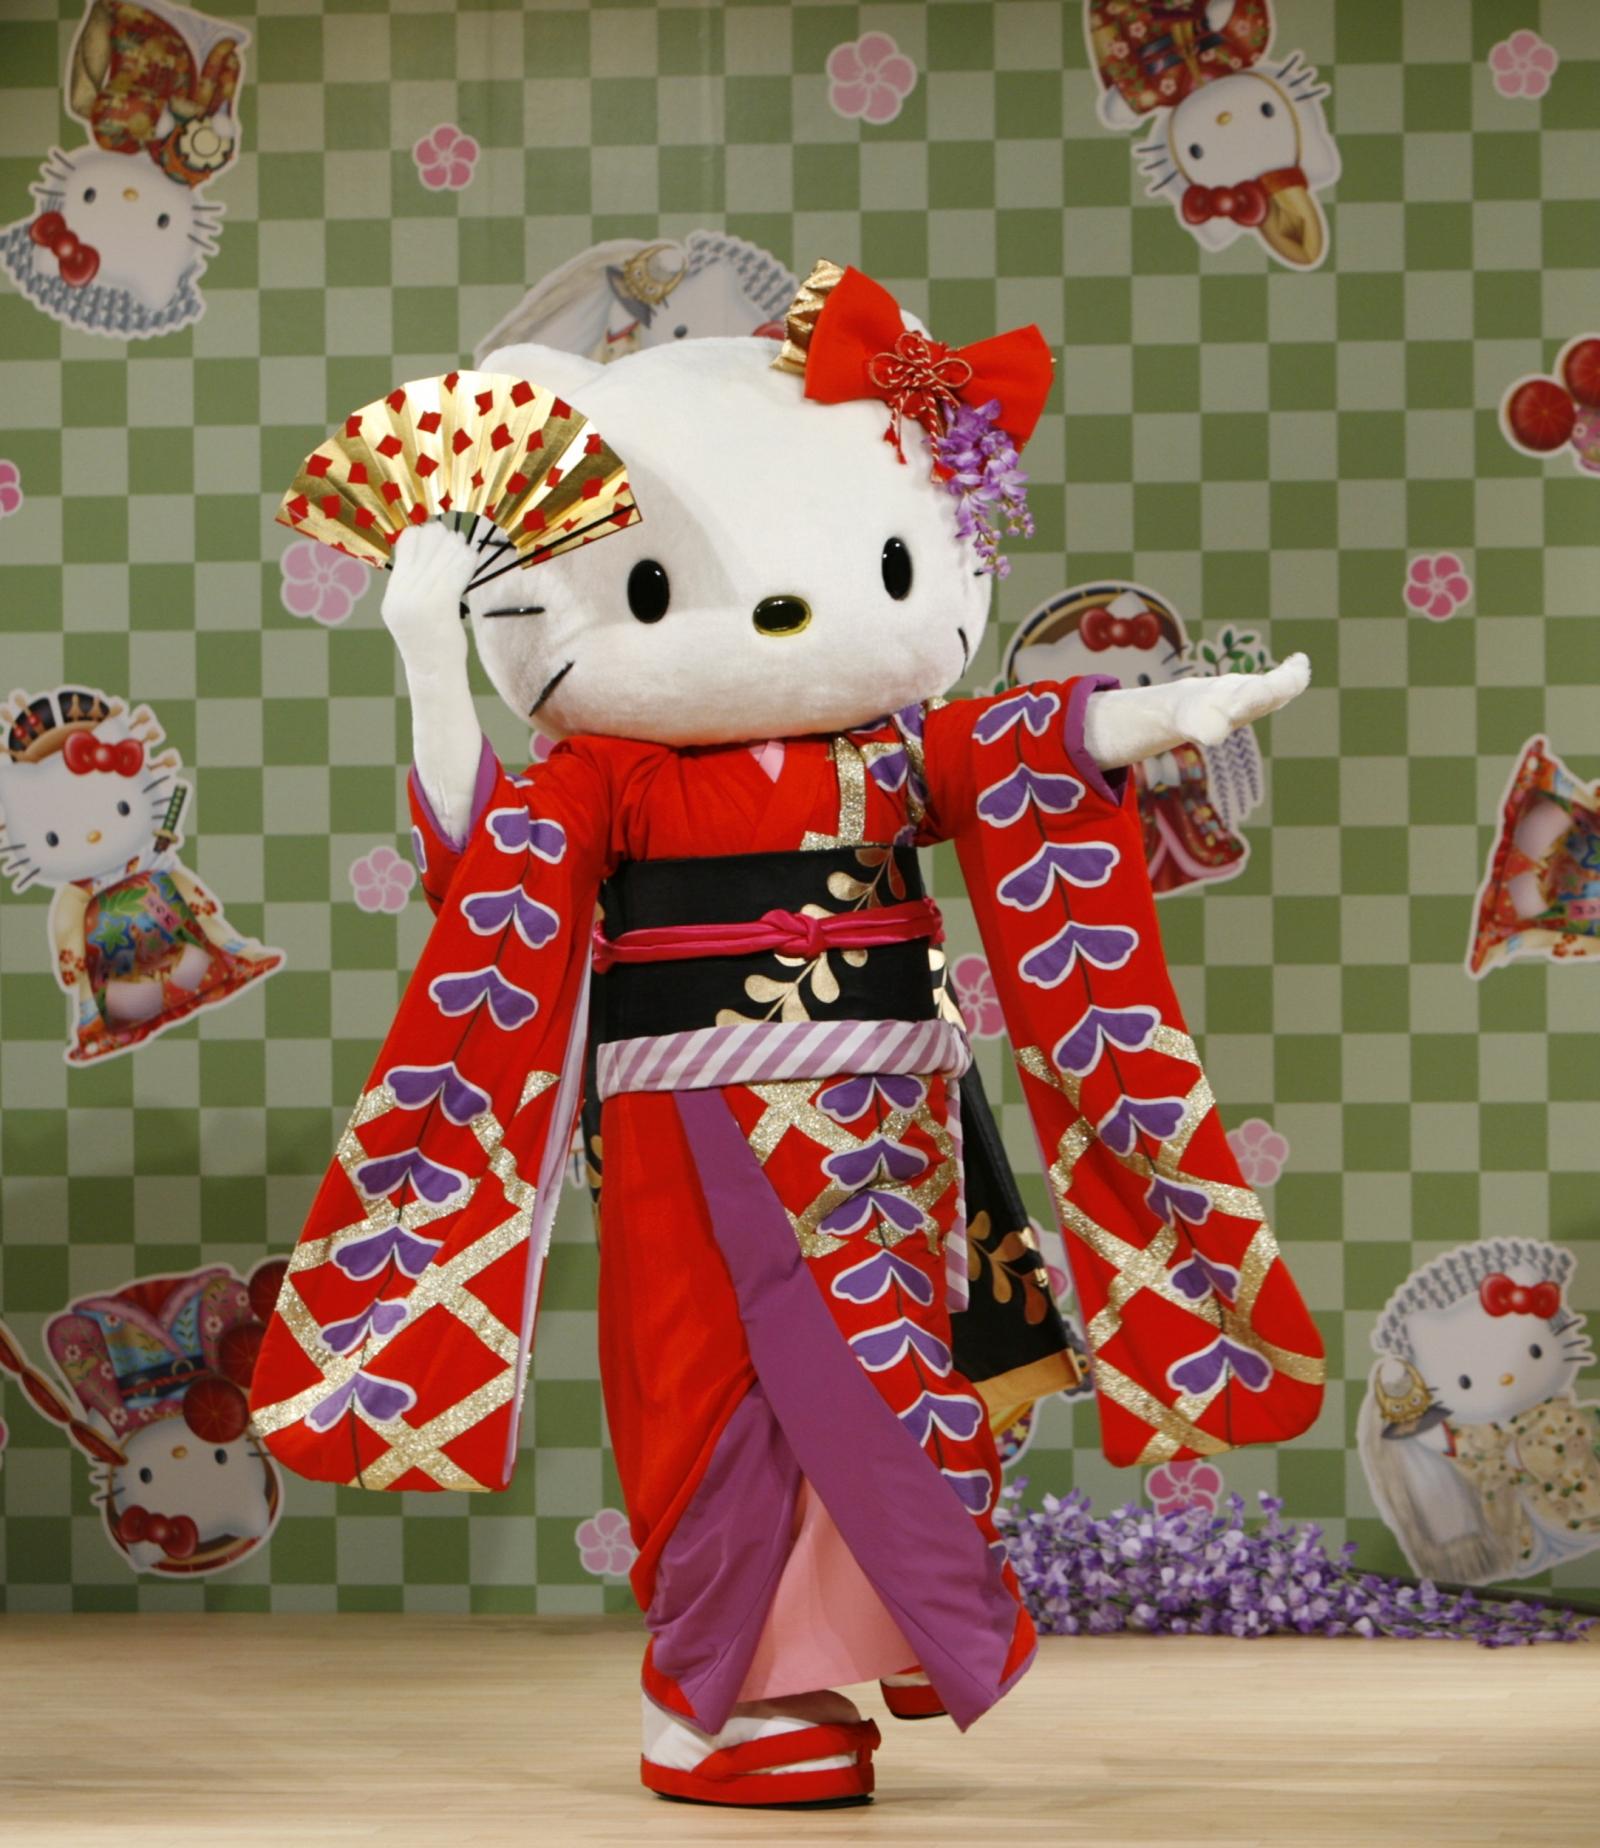 Japanese Hello Kitty Toys : The hello kitty phenomenon